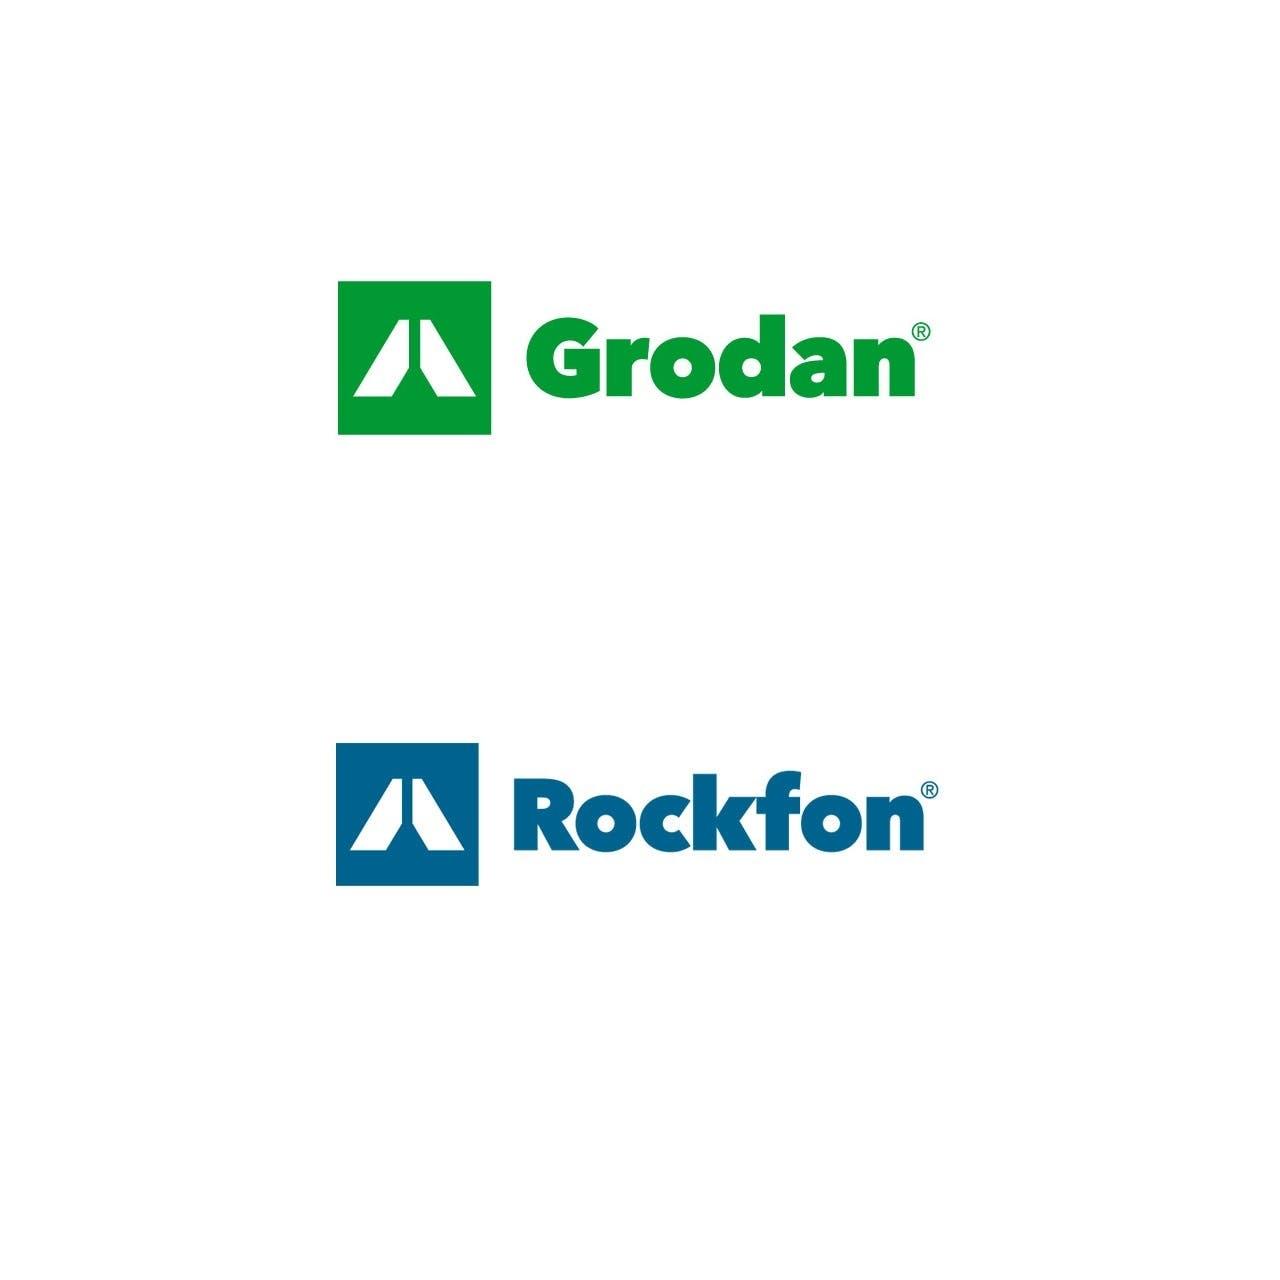 Grodan & Rockfon logo